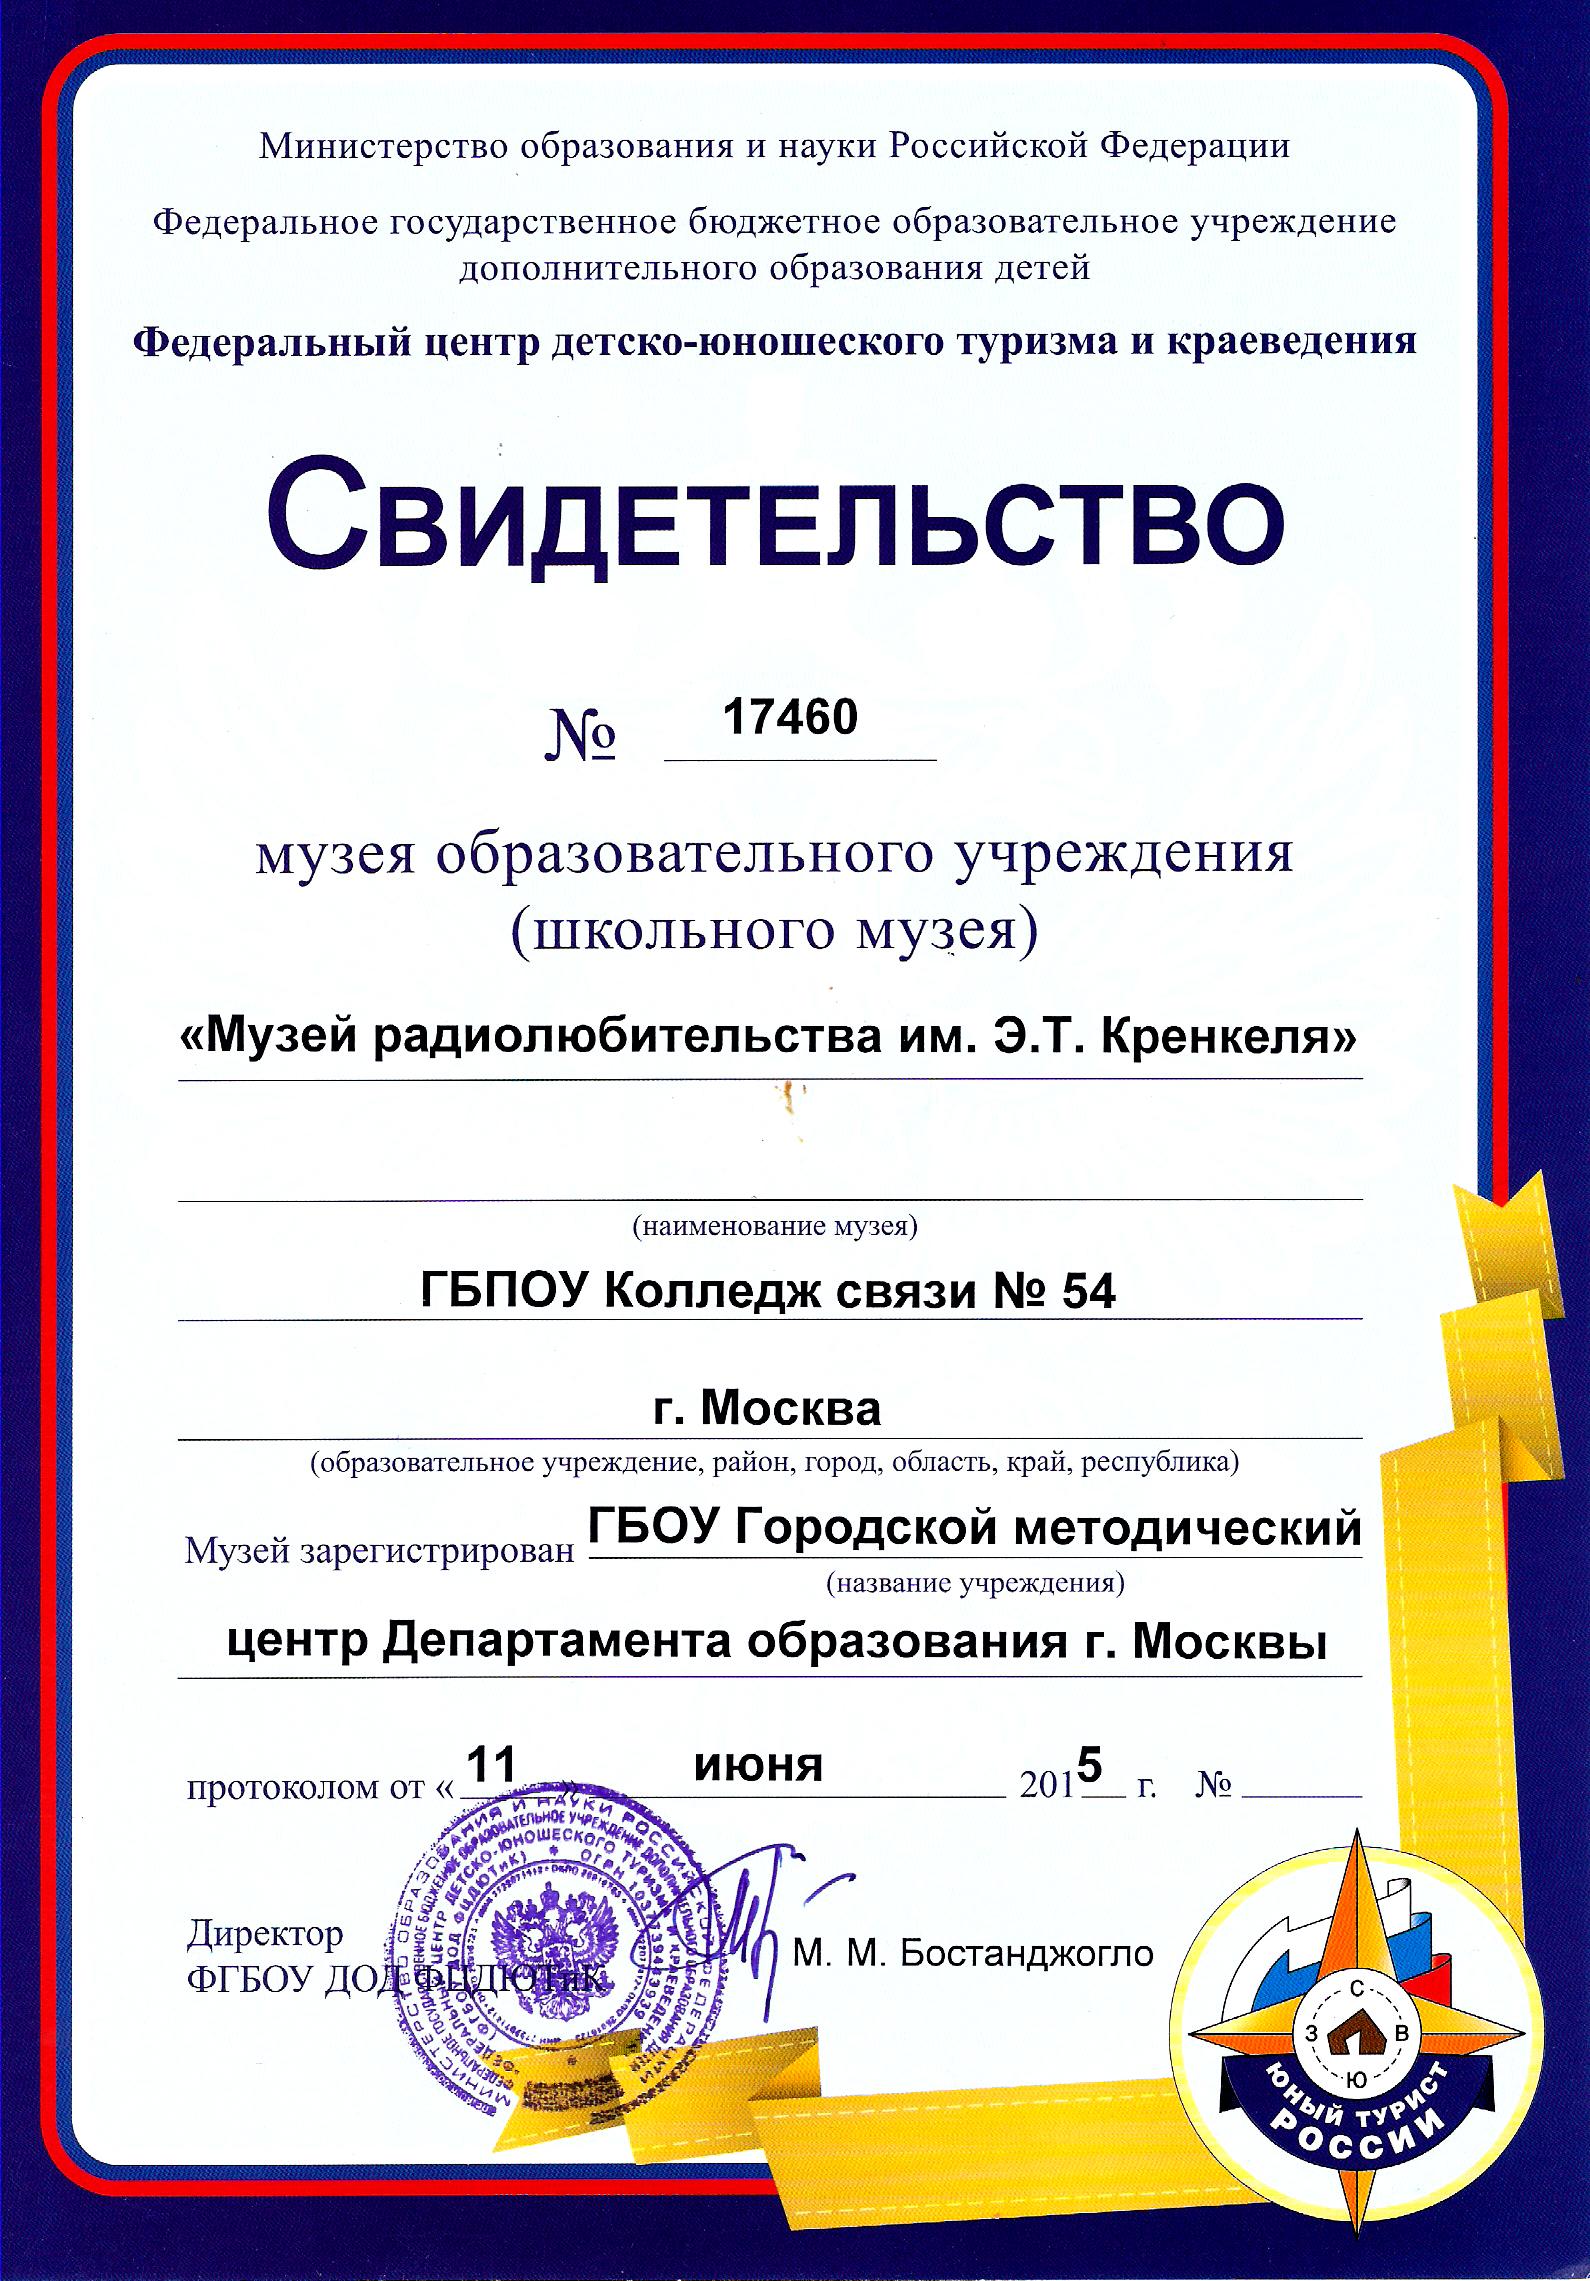 Митракс - первый российский мини-трактор